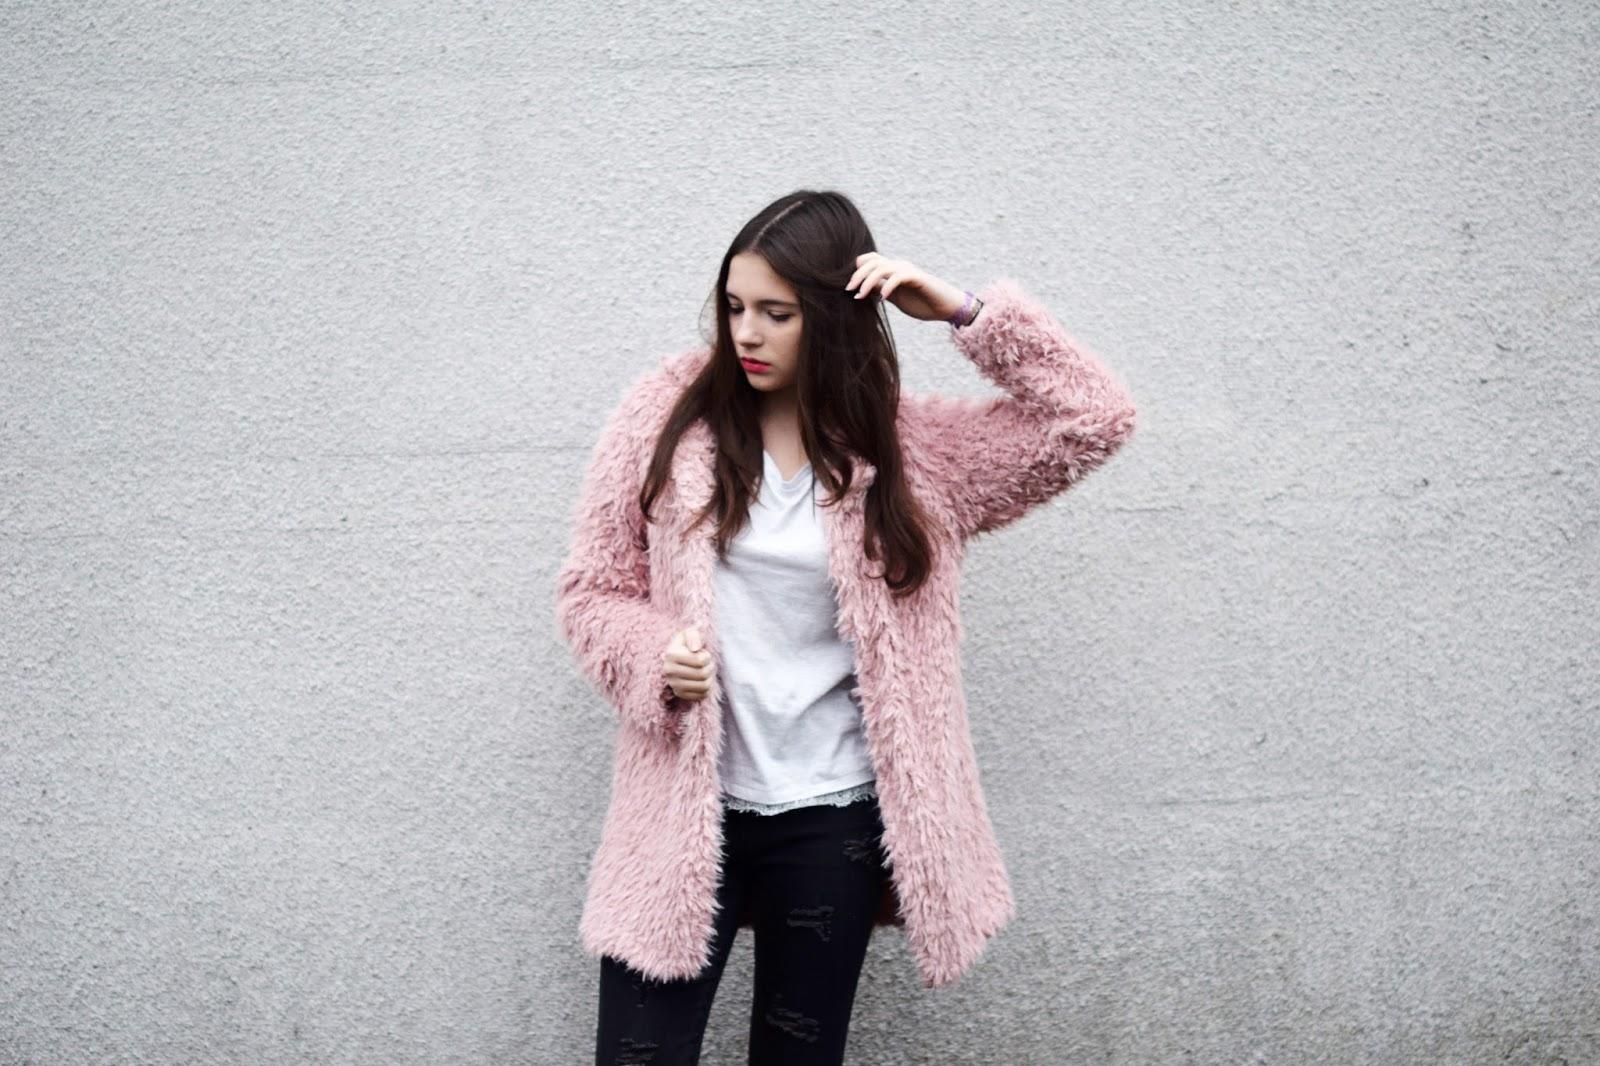 Julita Sudrawska: Pink coat | MINI KONKURS!